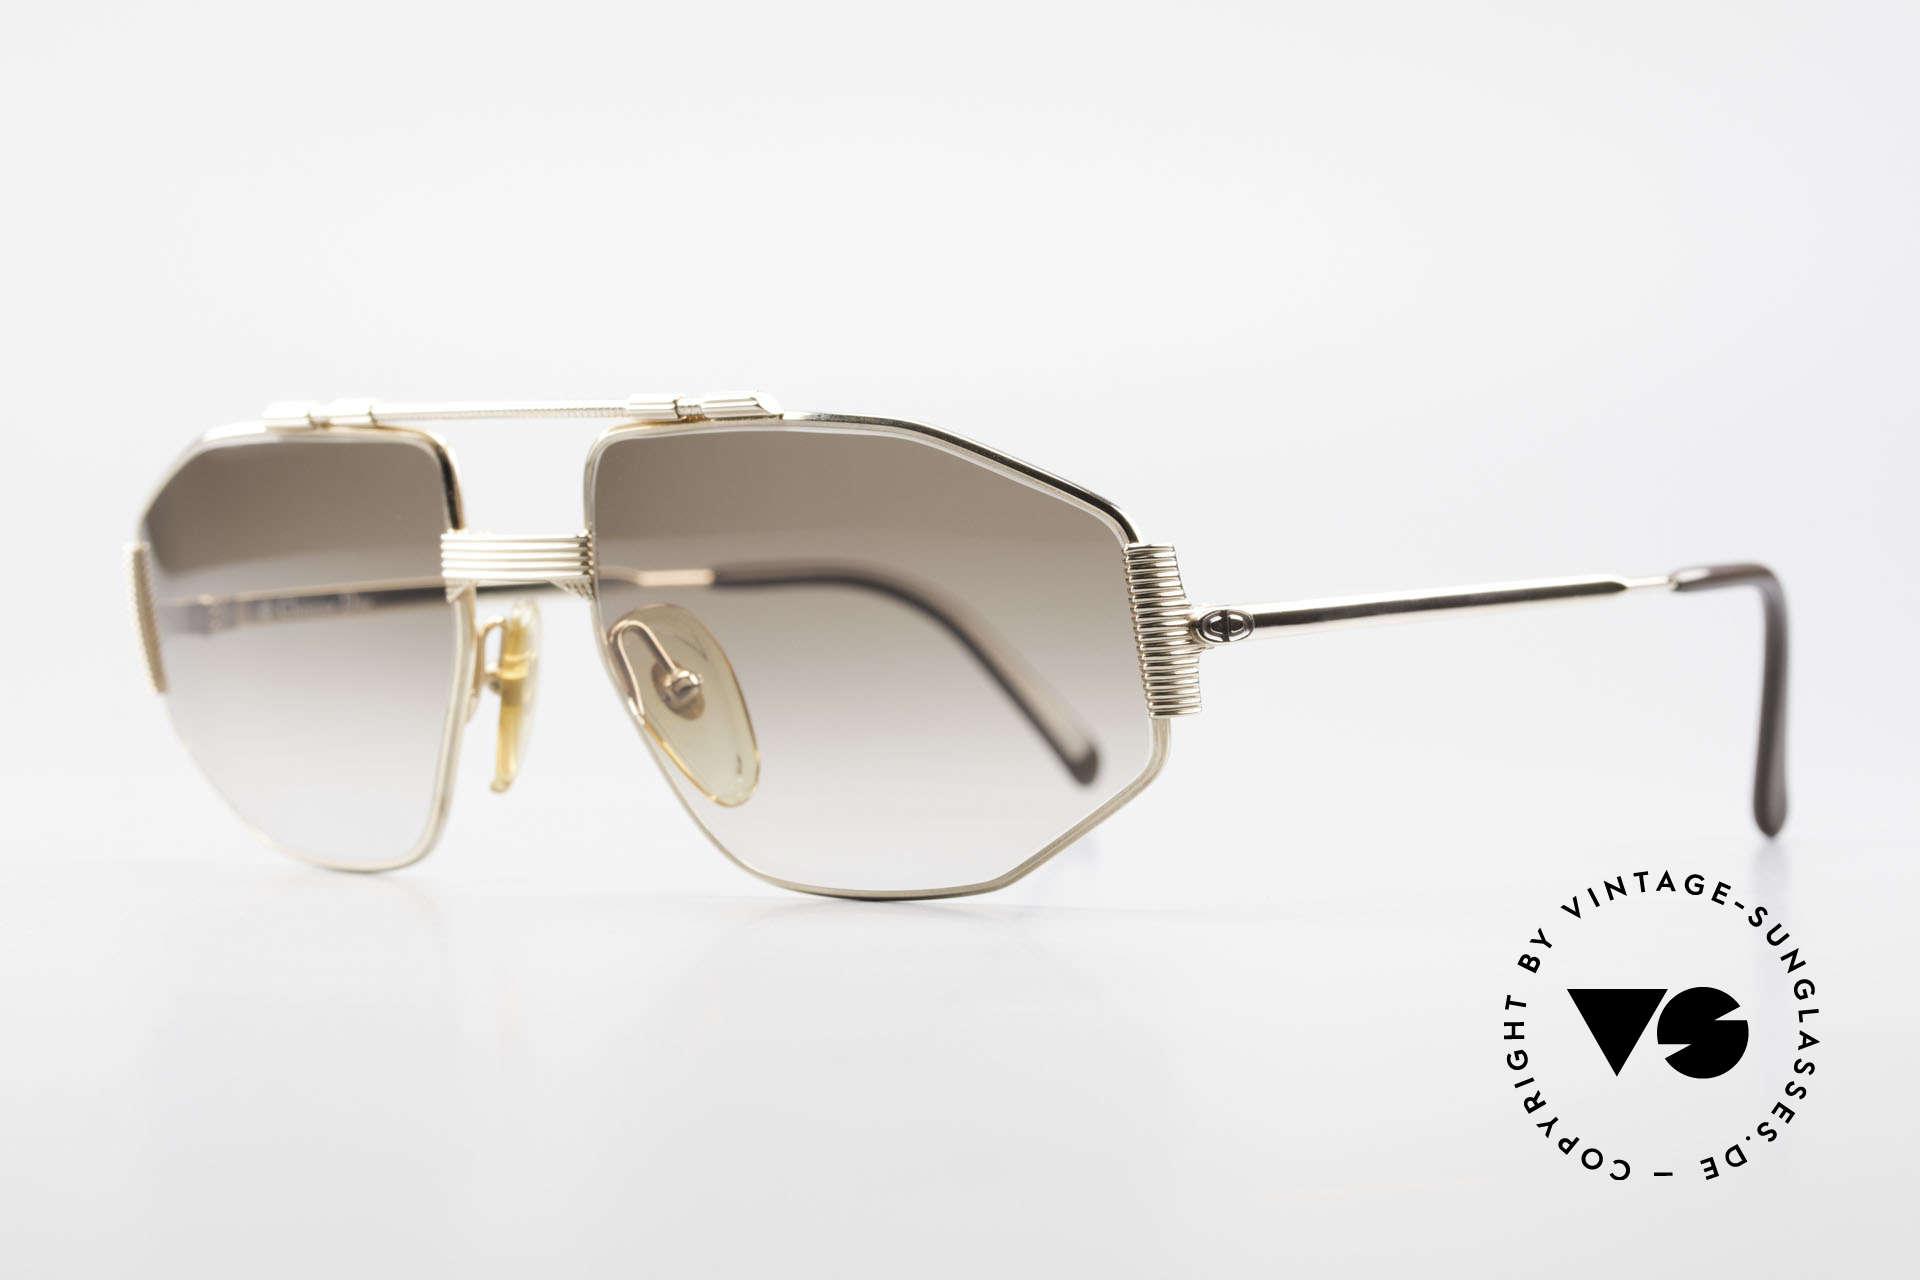 Christian Dior 2516 Vergoldete Sonnenbrille 80er, meisterlich gefertigtes Gestell (HART-VERGOLDET), Passend für Herren